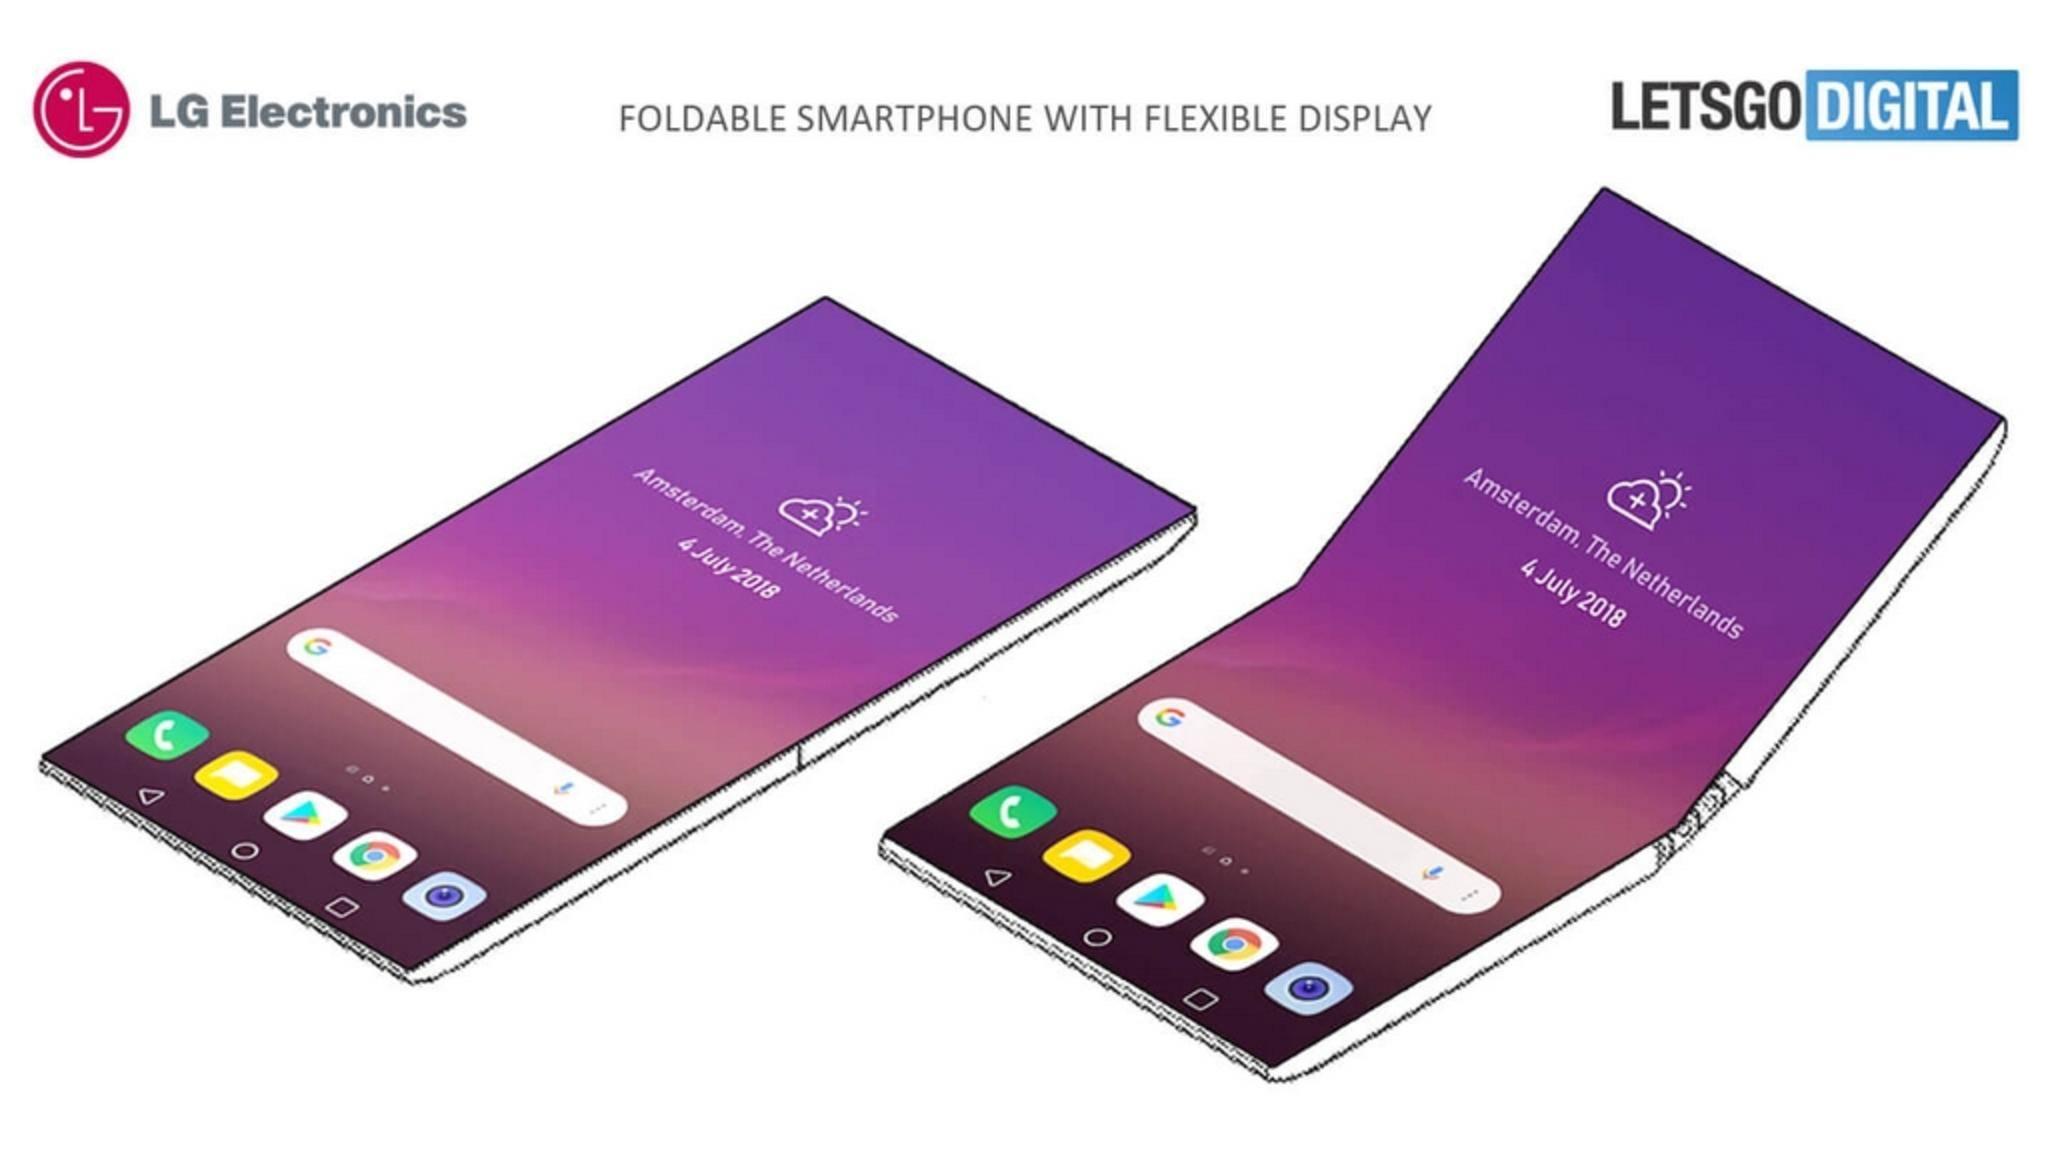 Dieses Patent zeigt ein faltbares Smartphone von LG.